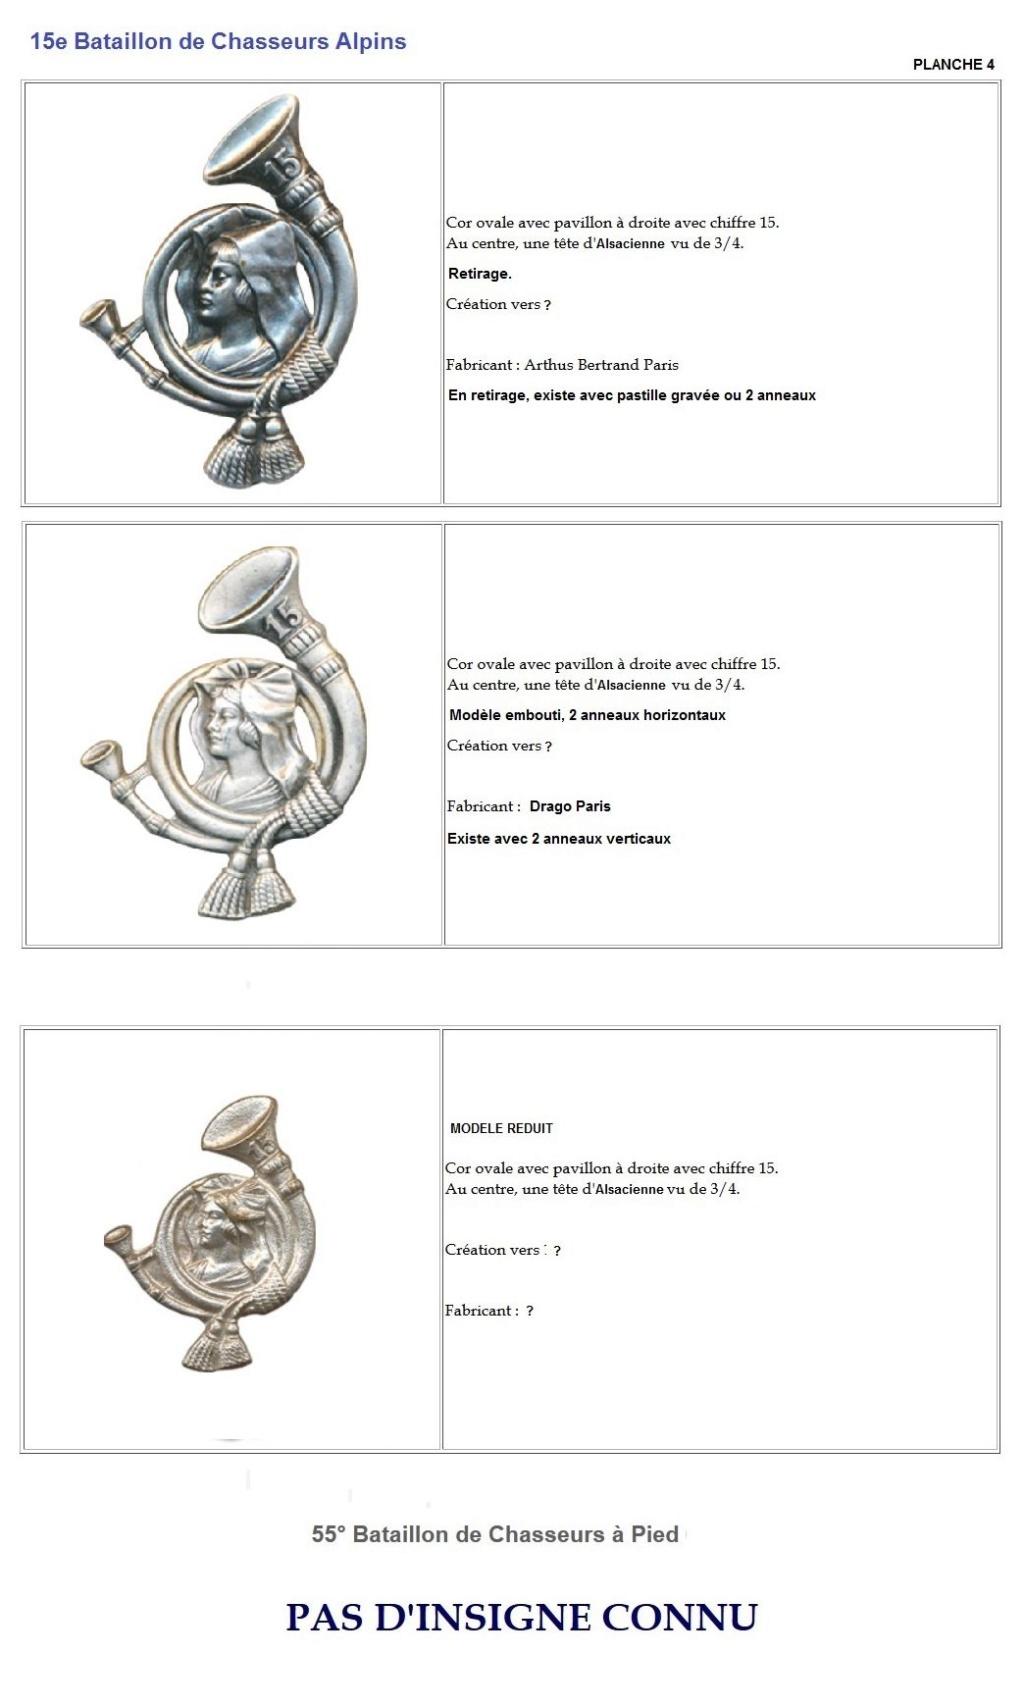 Les insignes de bataillons- Mise à jour... - Page 2 15e_pl14